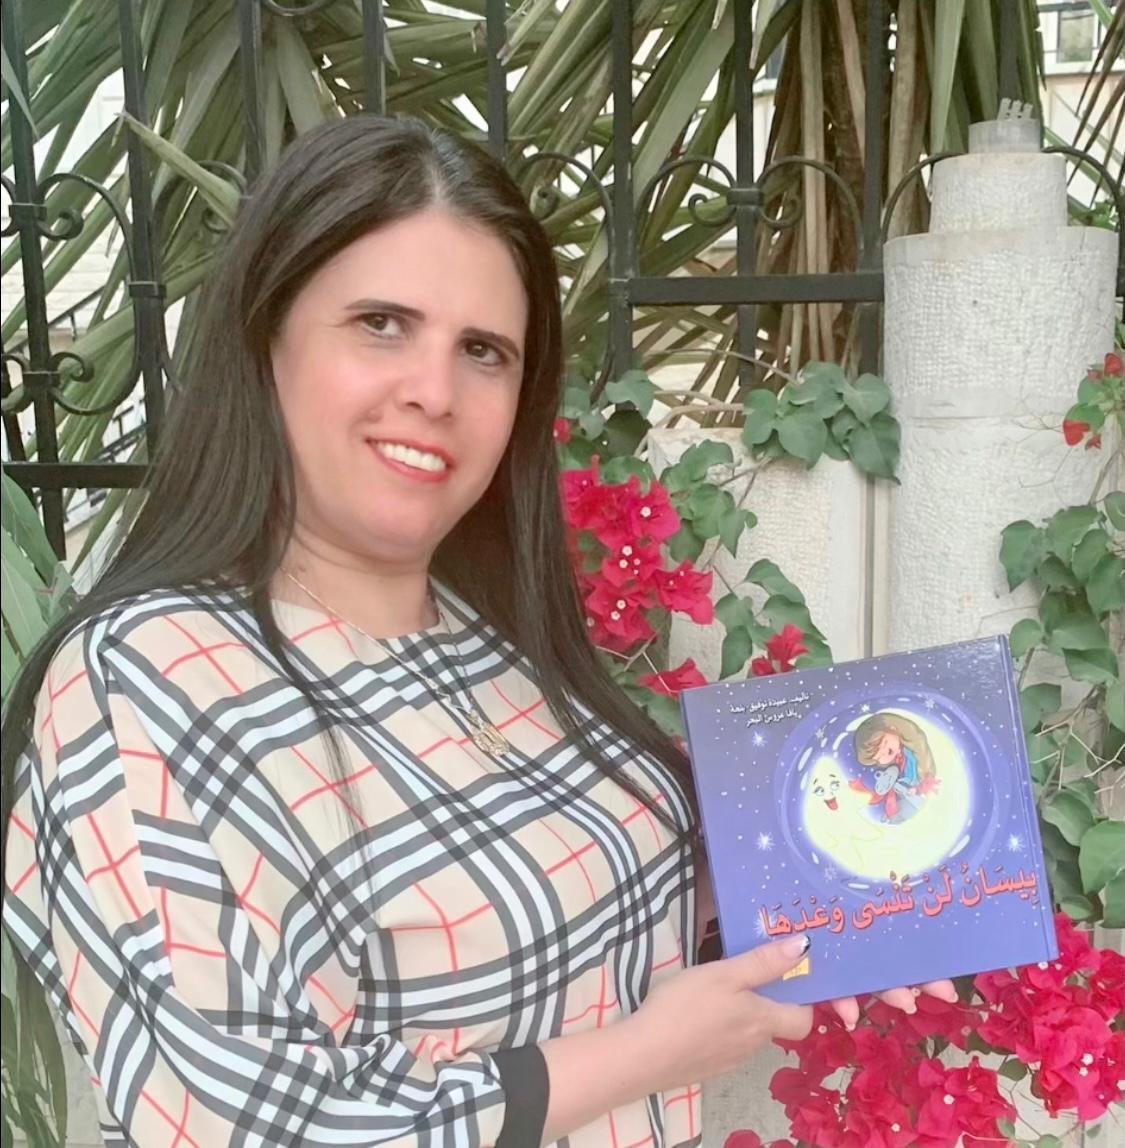 كتاب للكاتبة اليافية عبيدة بلحة ضمن معرض الكتاب في مونتريال بكندا